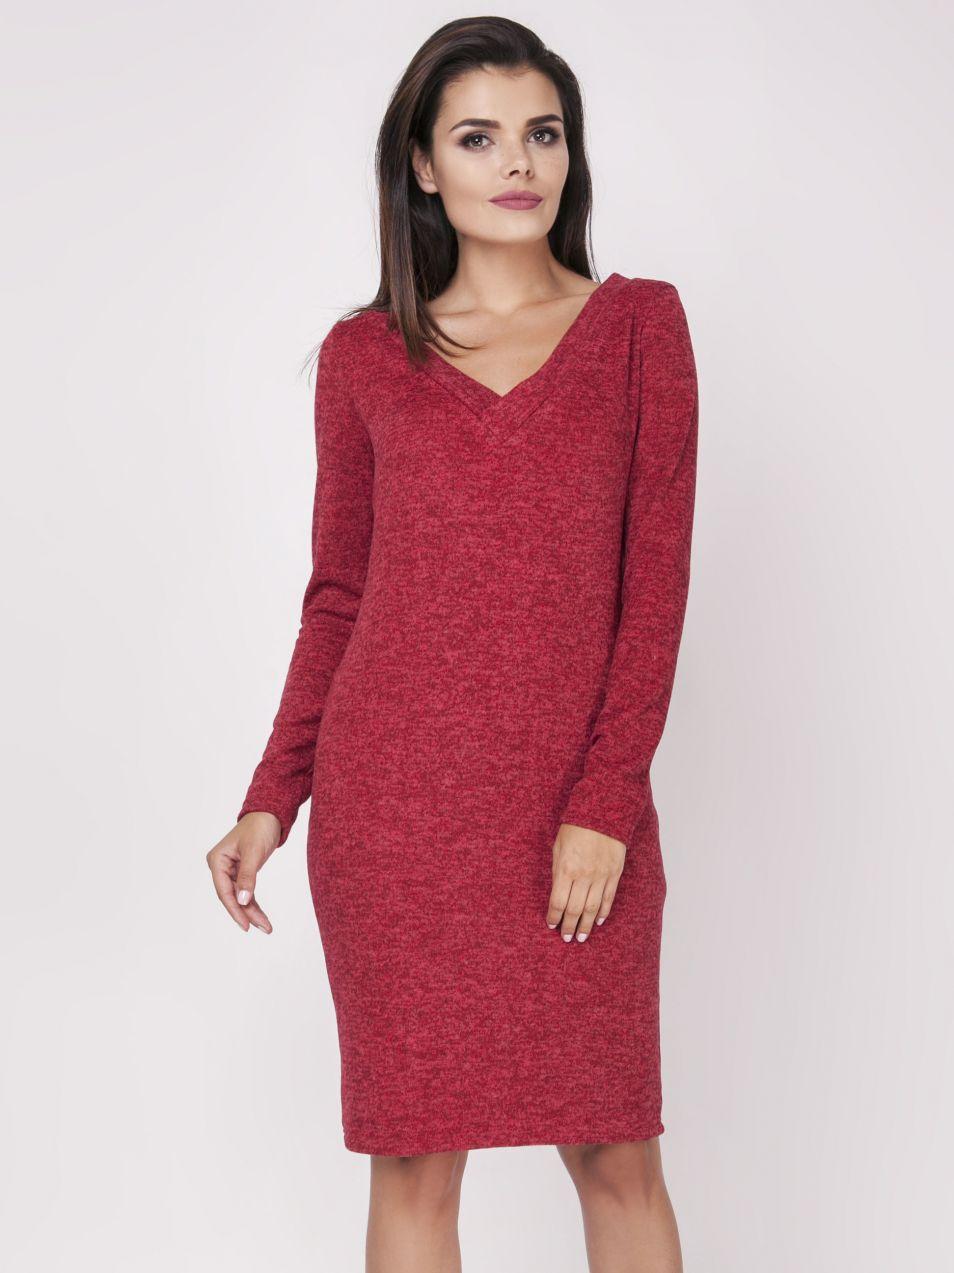 c4e521d4476c Foggy Dámske šaty FG103 RED značky Foggy - Lovely.sk